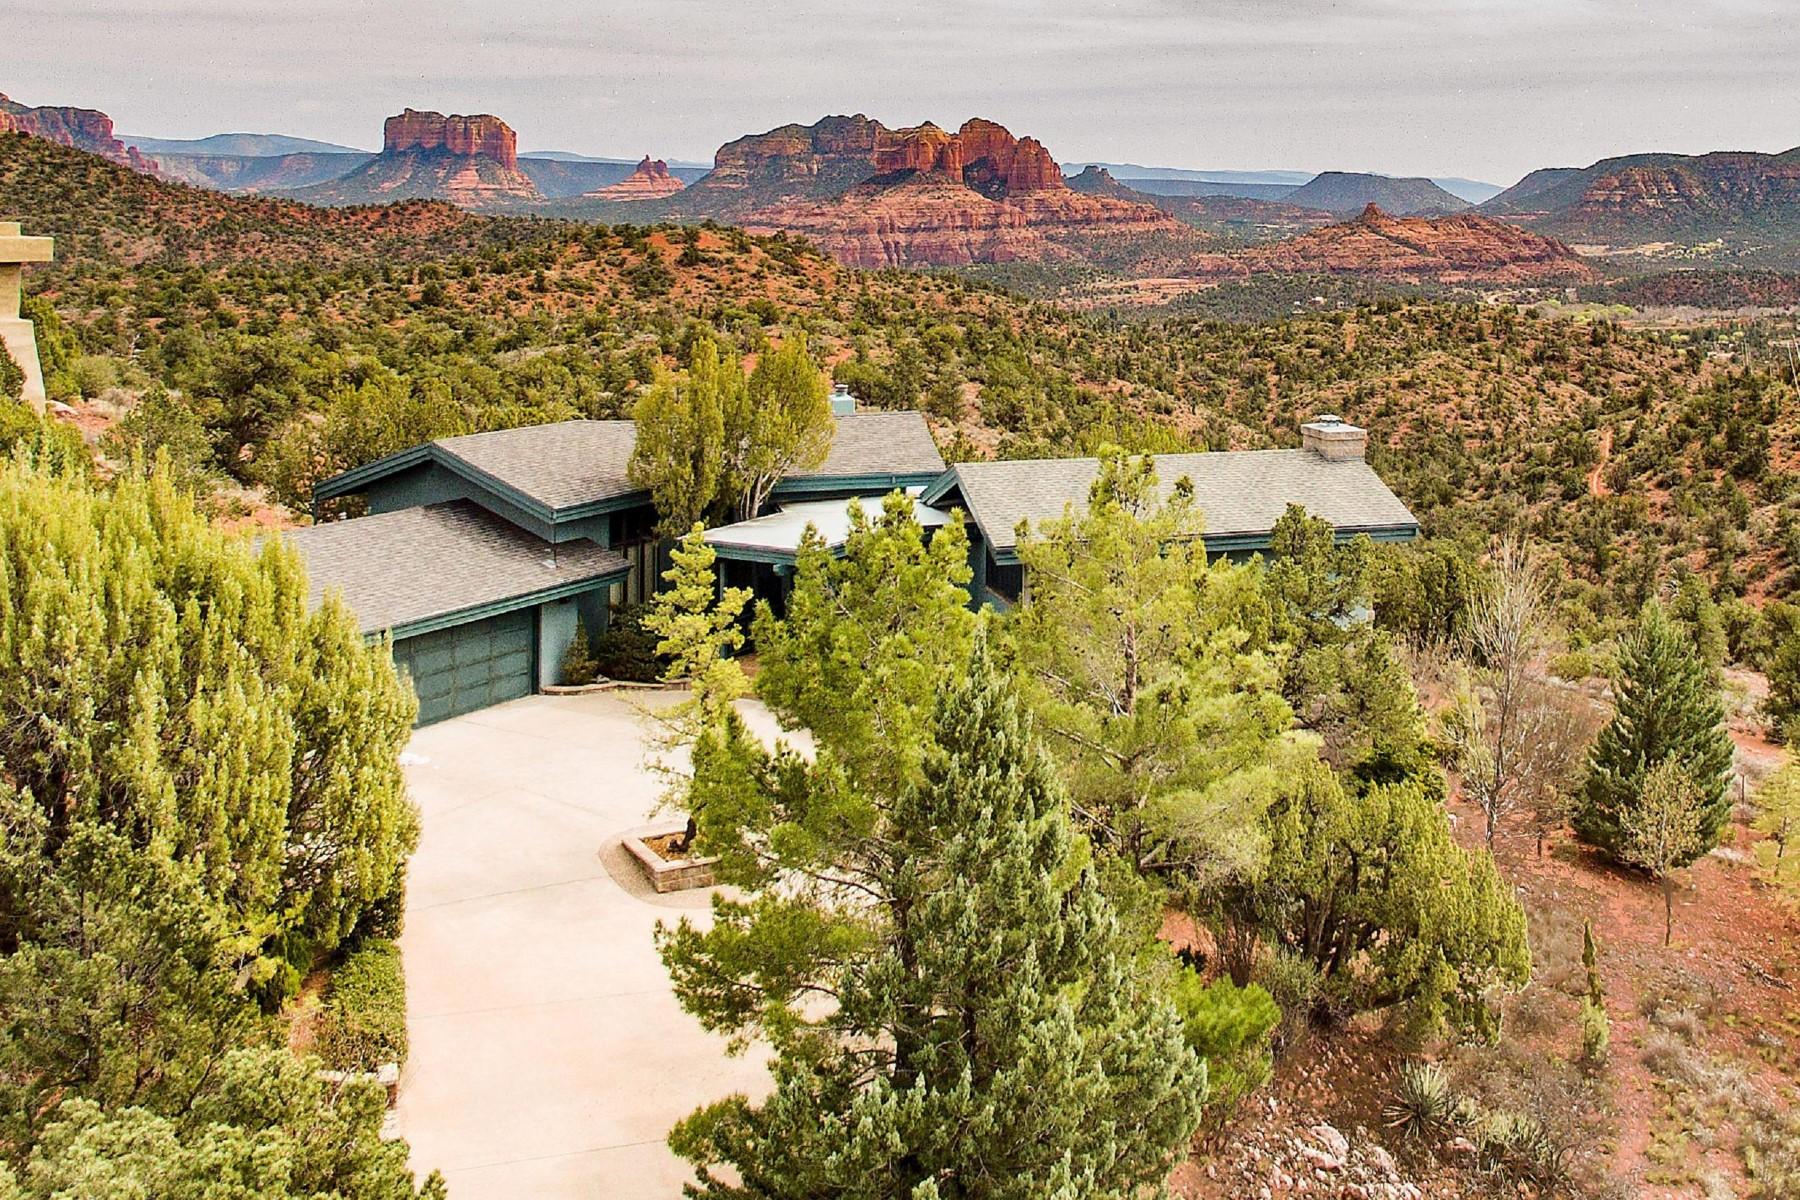 一戸建て のために 売買 アット Charming Sedona home with amazing views 3223 Calle Del Montana Sedona, アリゾナ, 86336 アメリカ合衆国